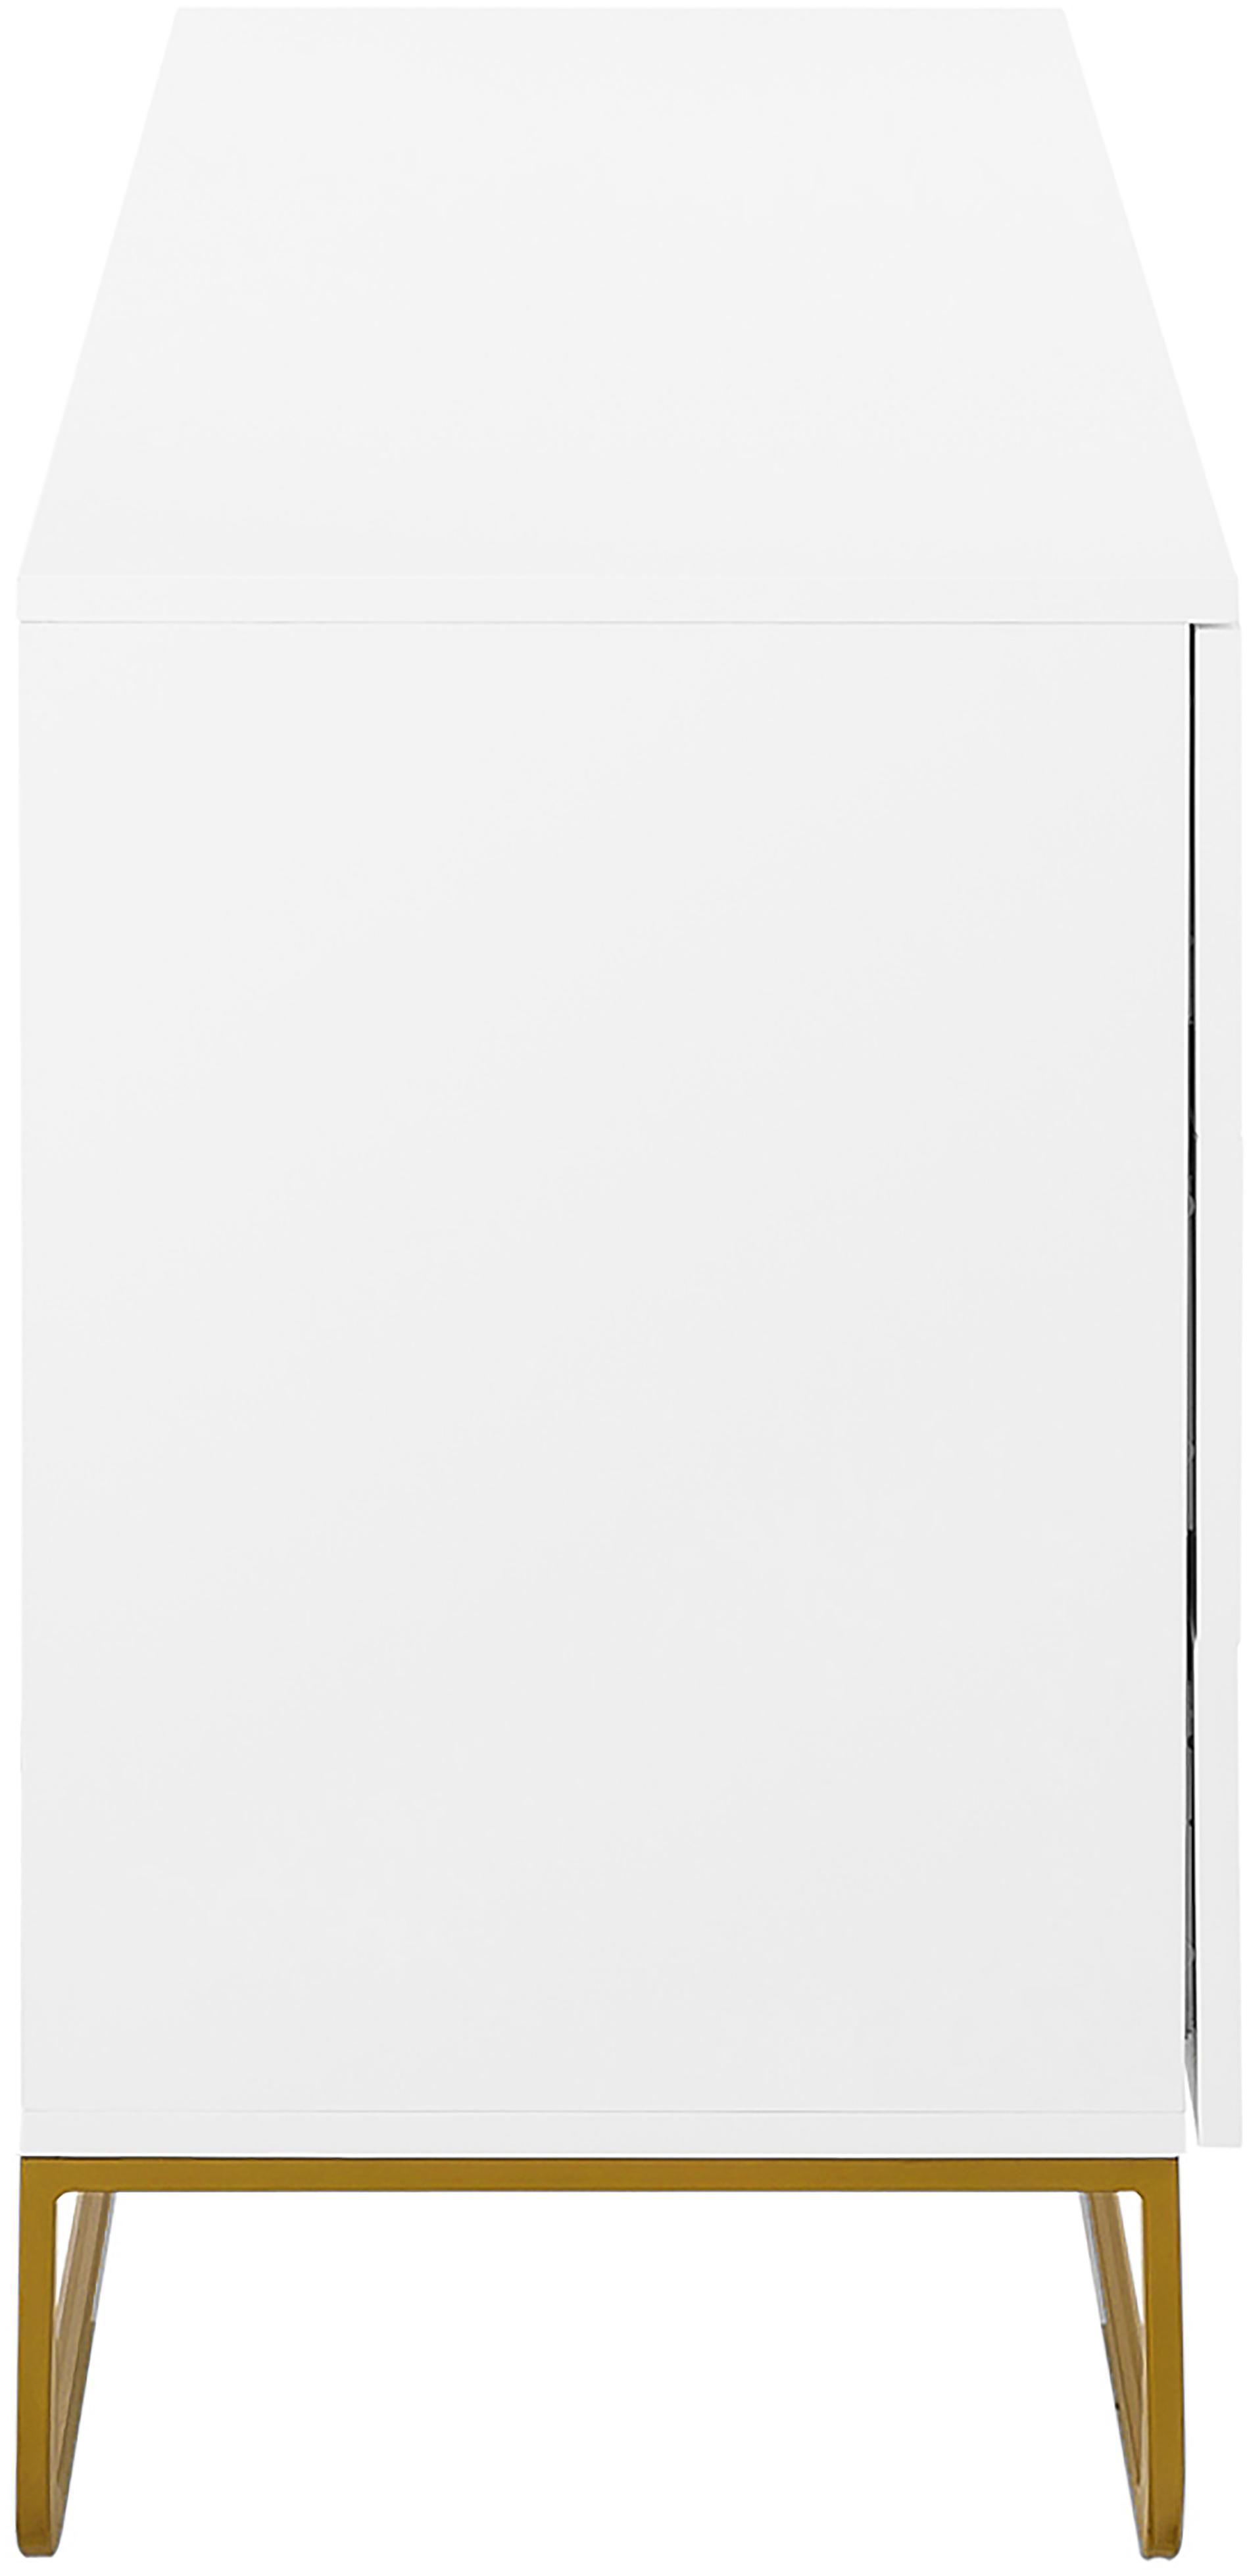 Komoda Sanford, Korpus: płyta pilśniowa średniej , Korpus: biały, matowy Podstawa: odcienie złotego, matowy, S 160 x W 83 cm